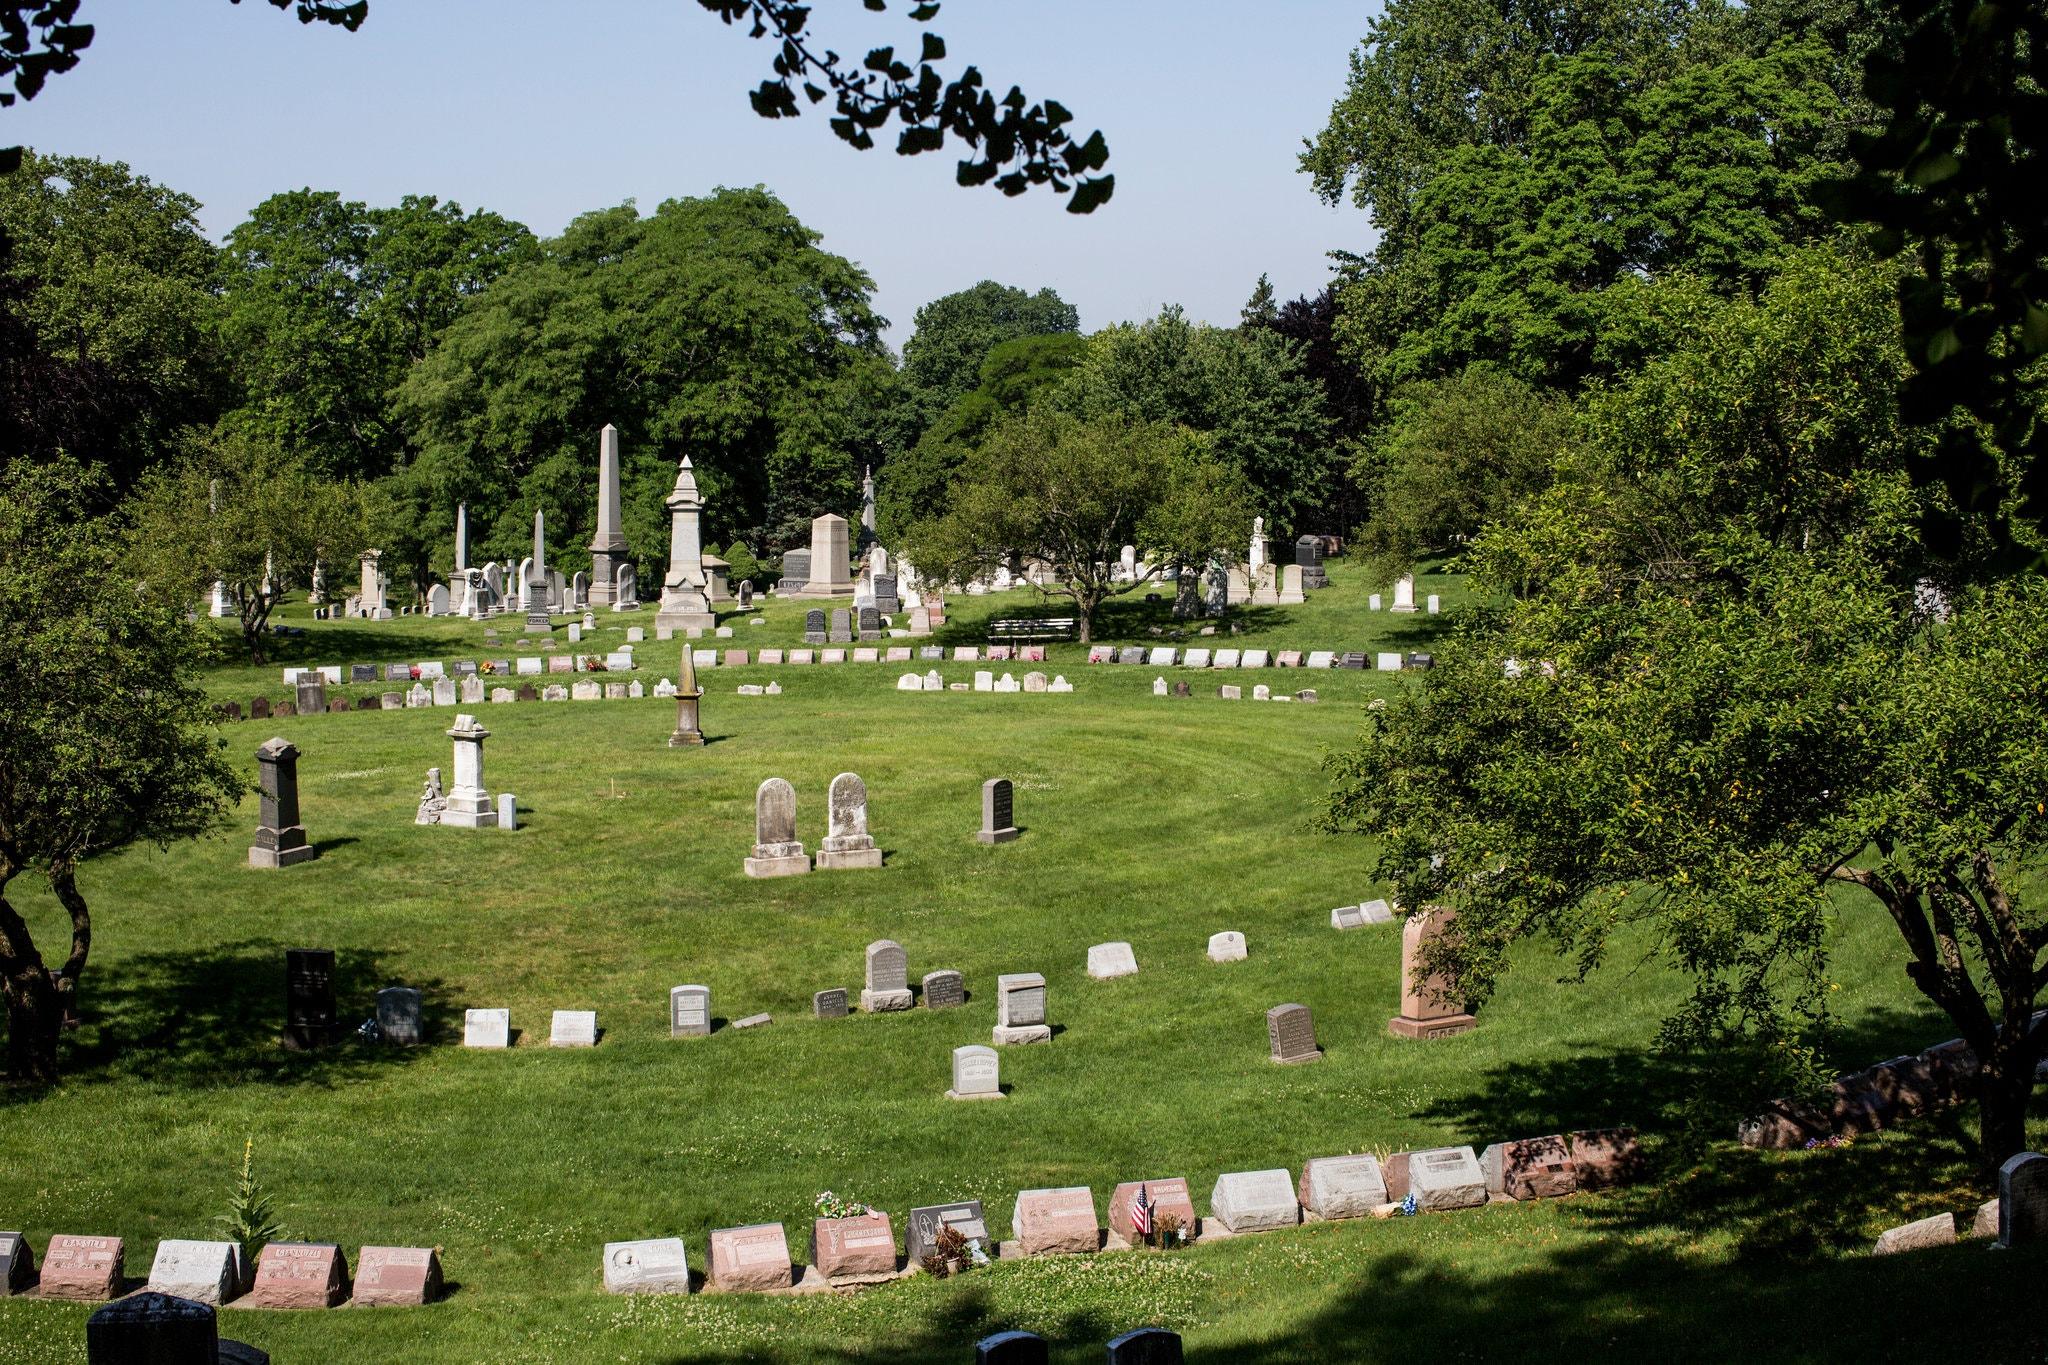 Les monuments funéraires de Green-Wood Cemetery